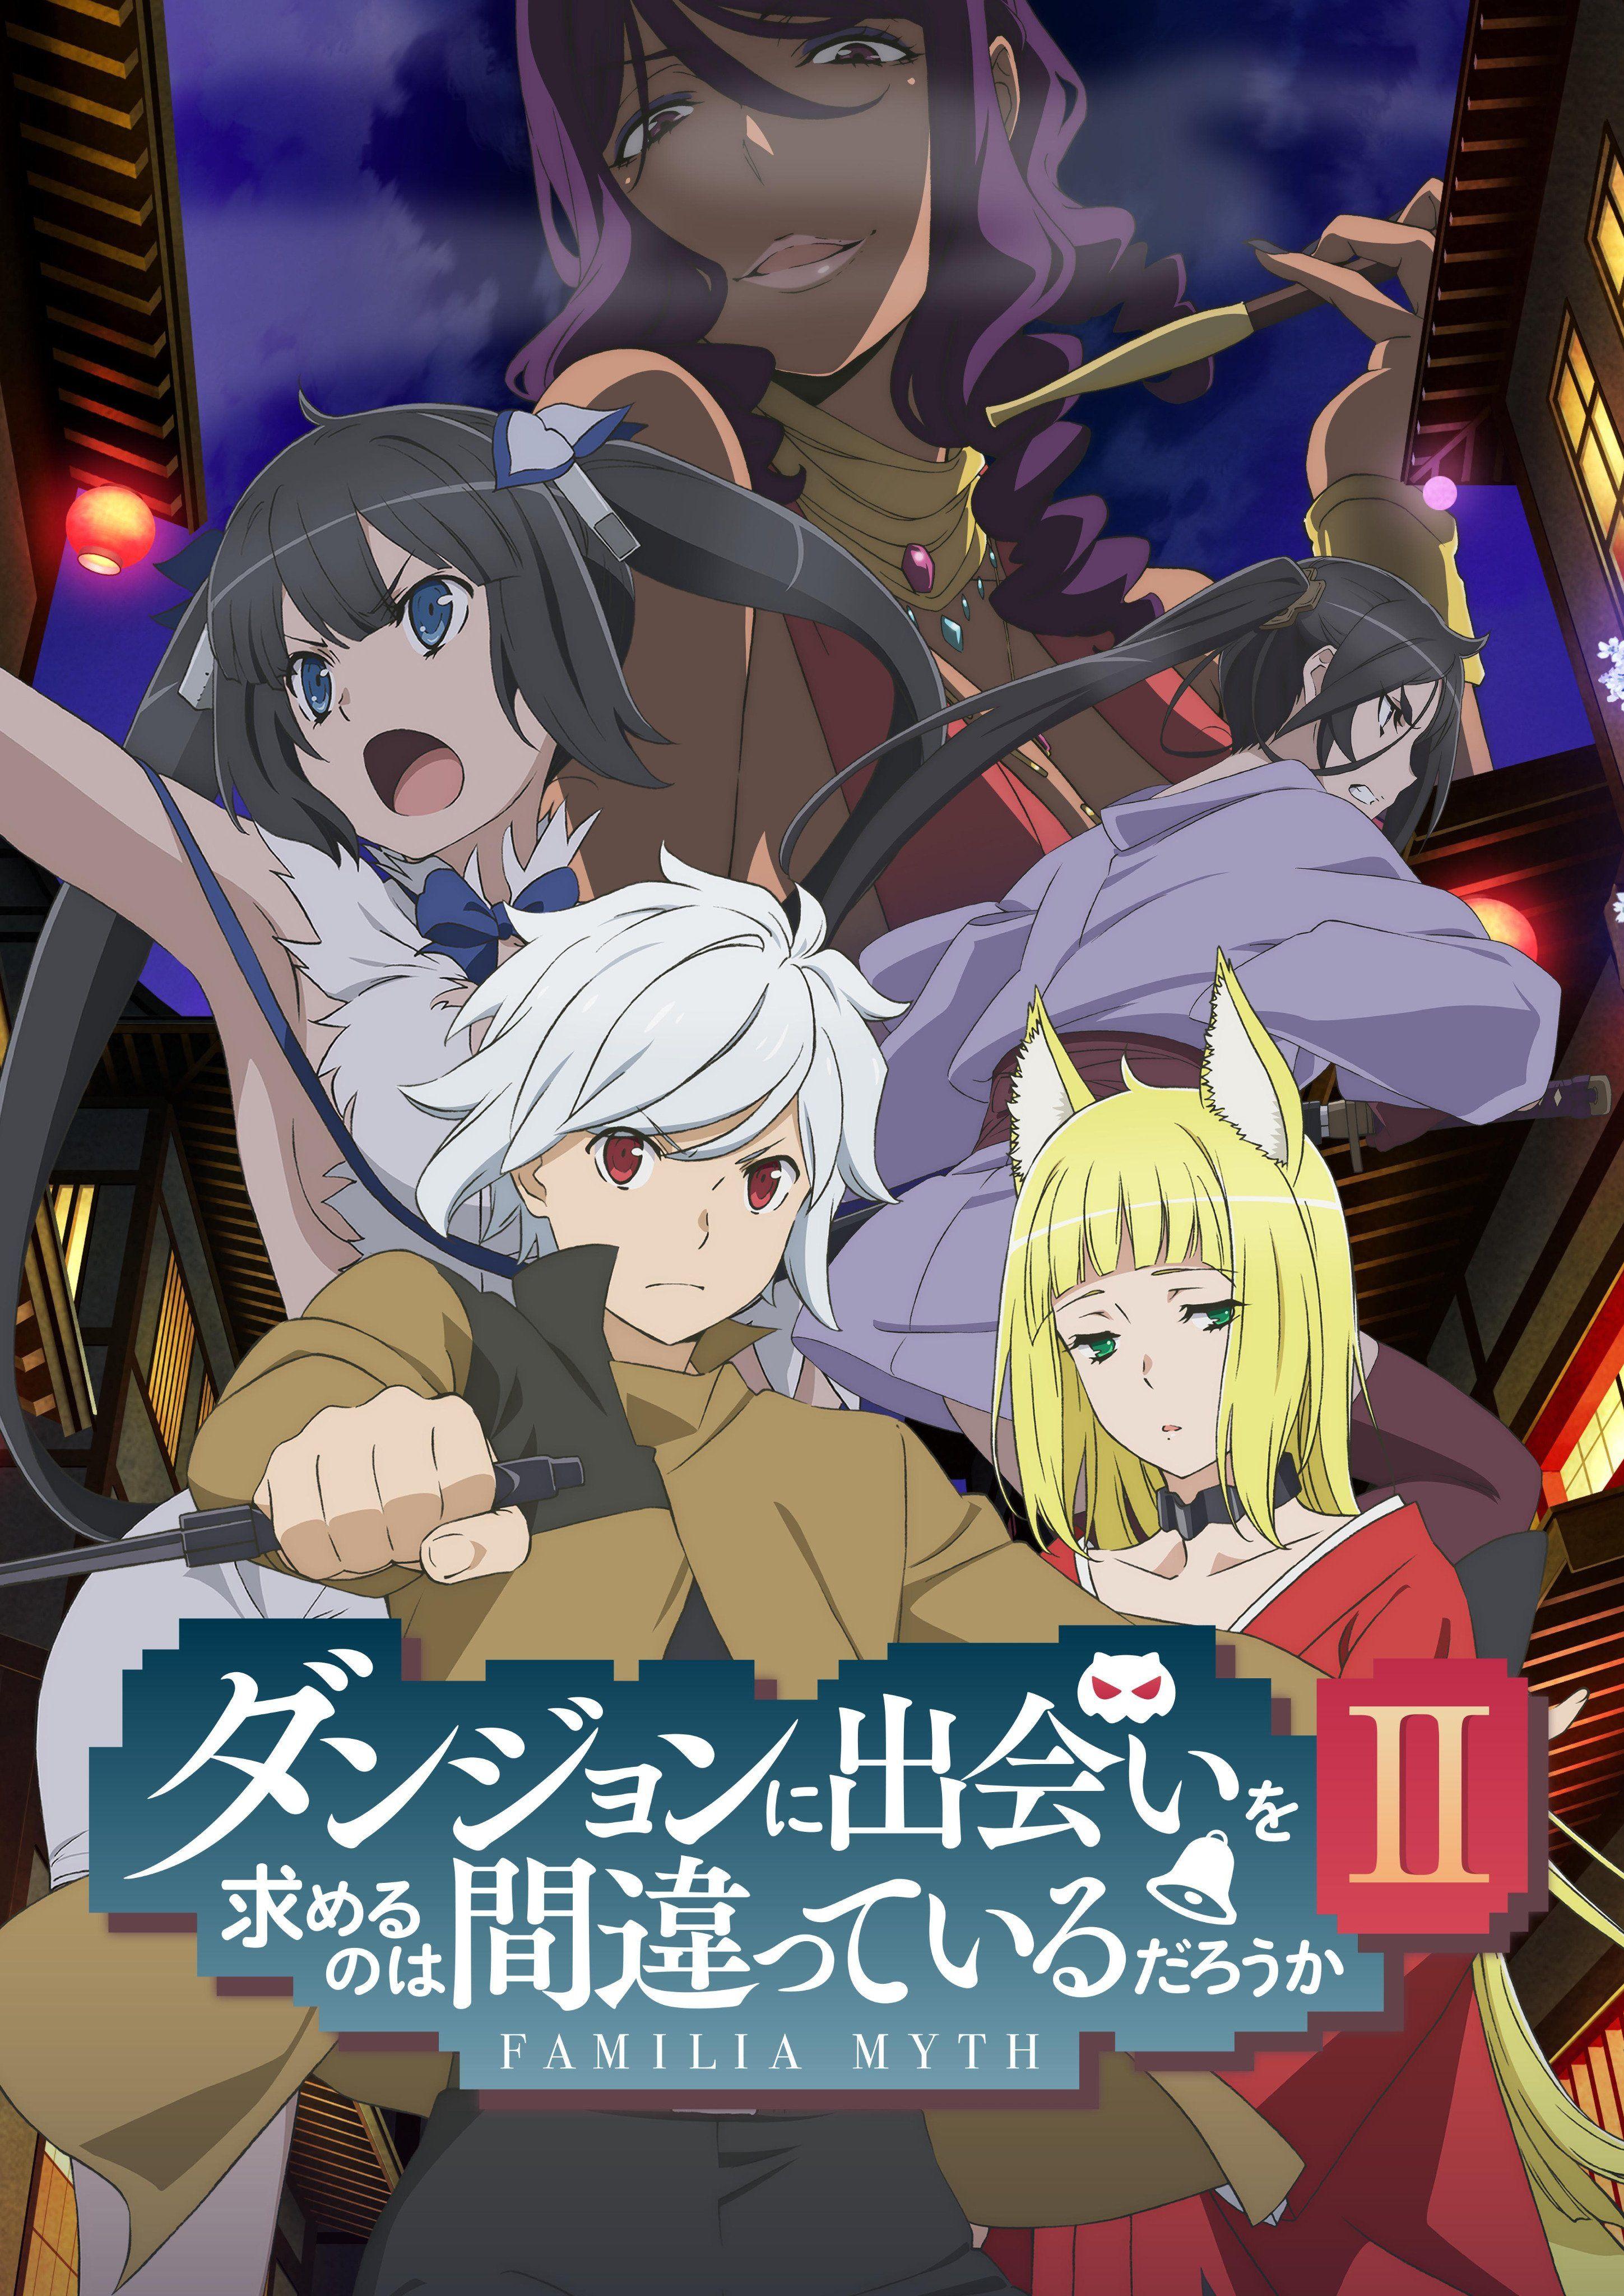 Danmachi - Familia Myth - saison 2